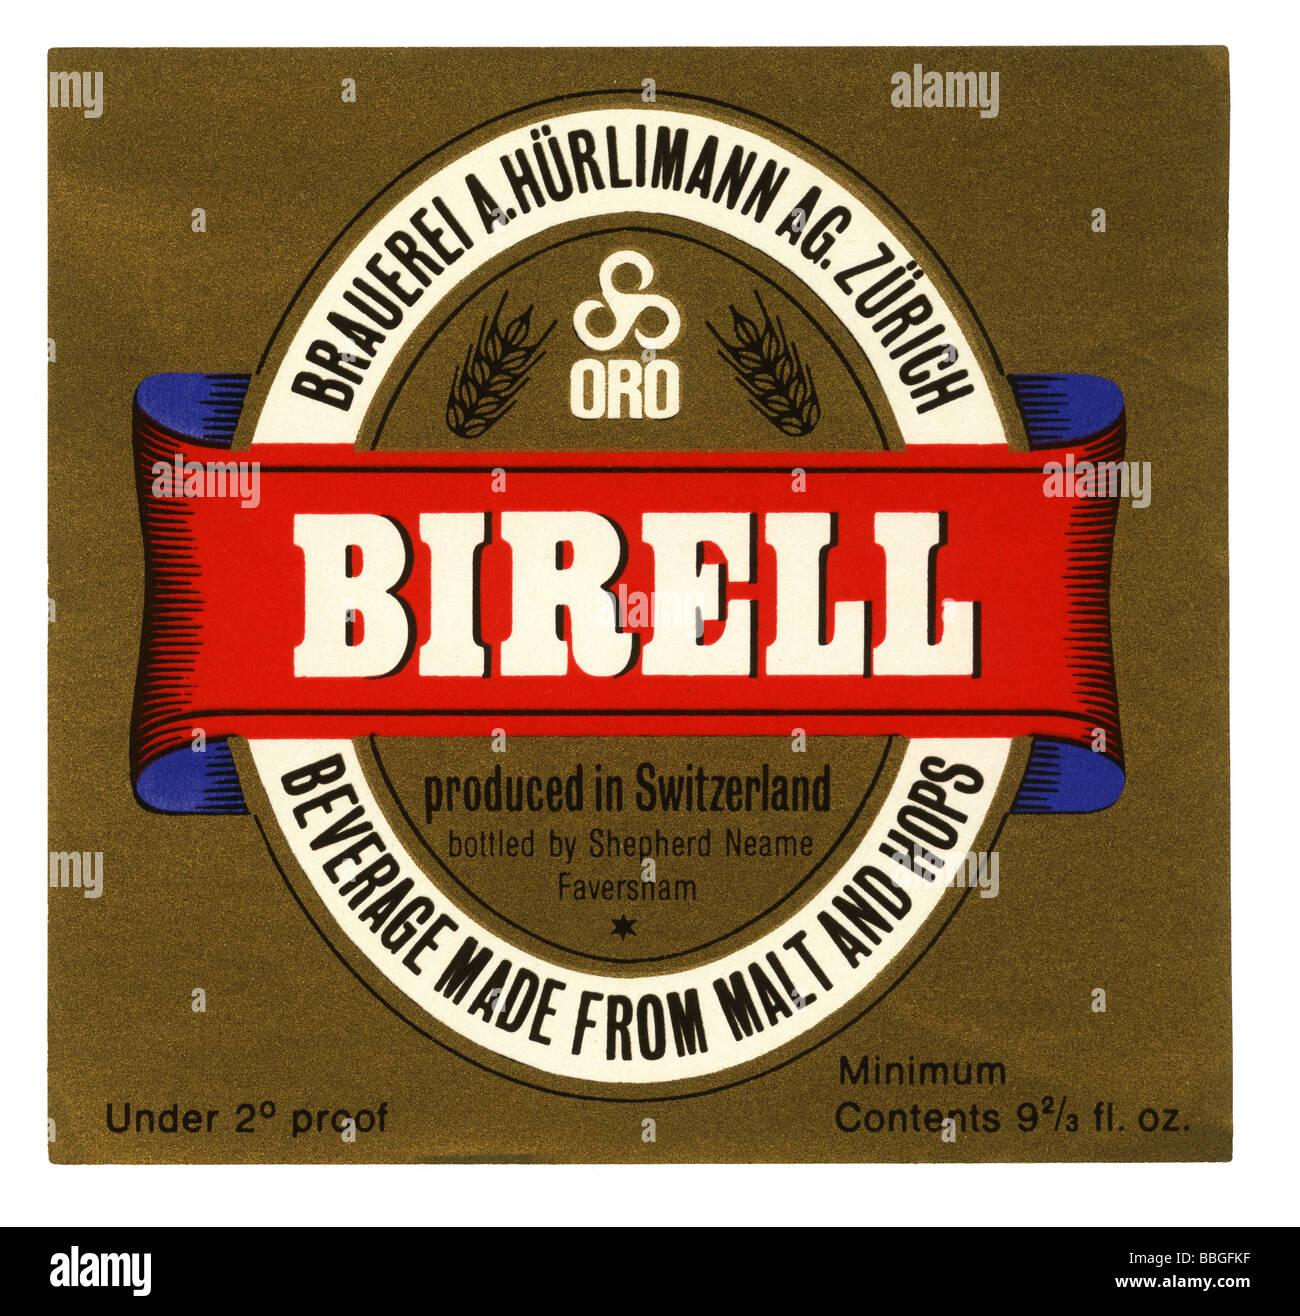 Old beer label for Hurlimann's Birell, Zurich, Switzerland - Stock Image